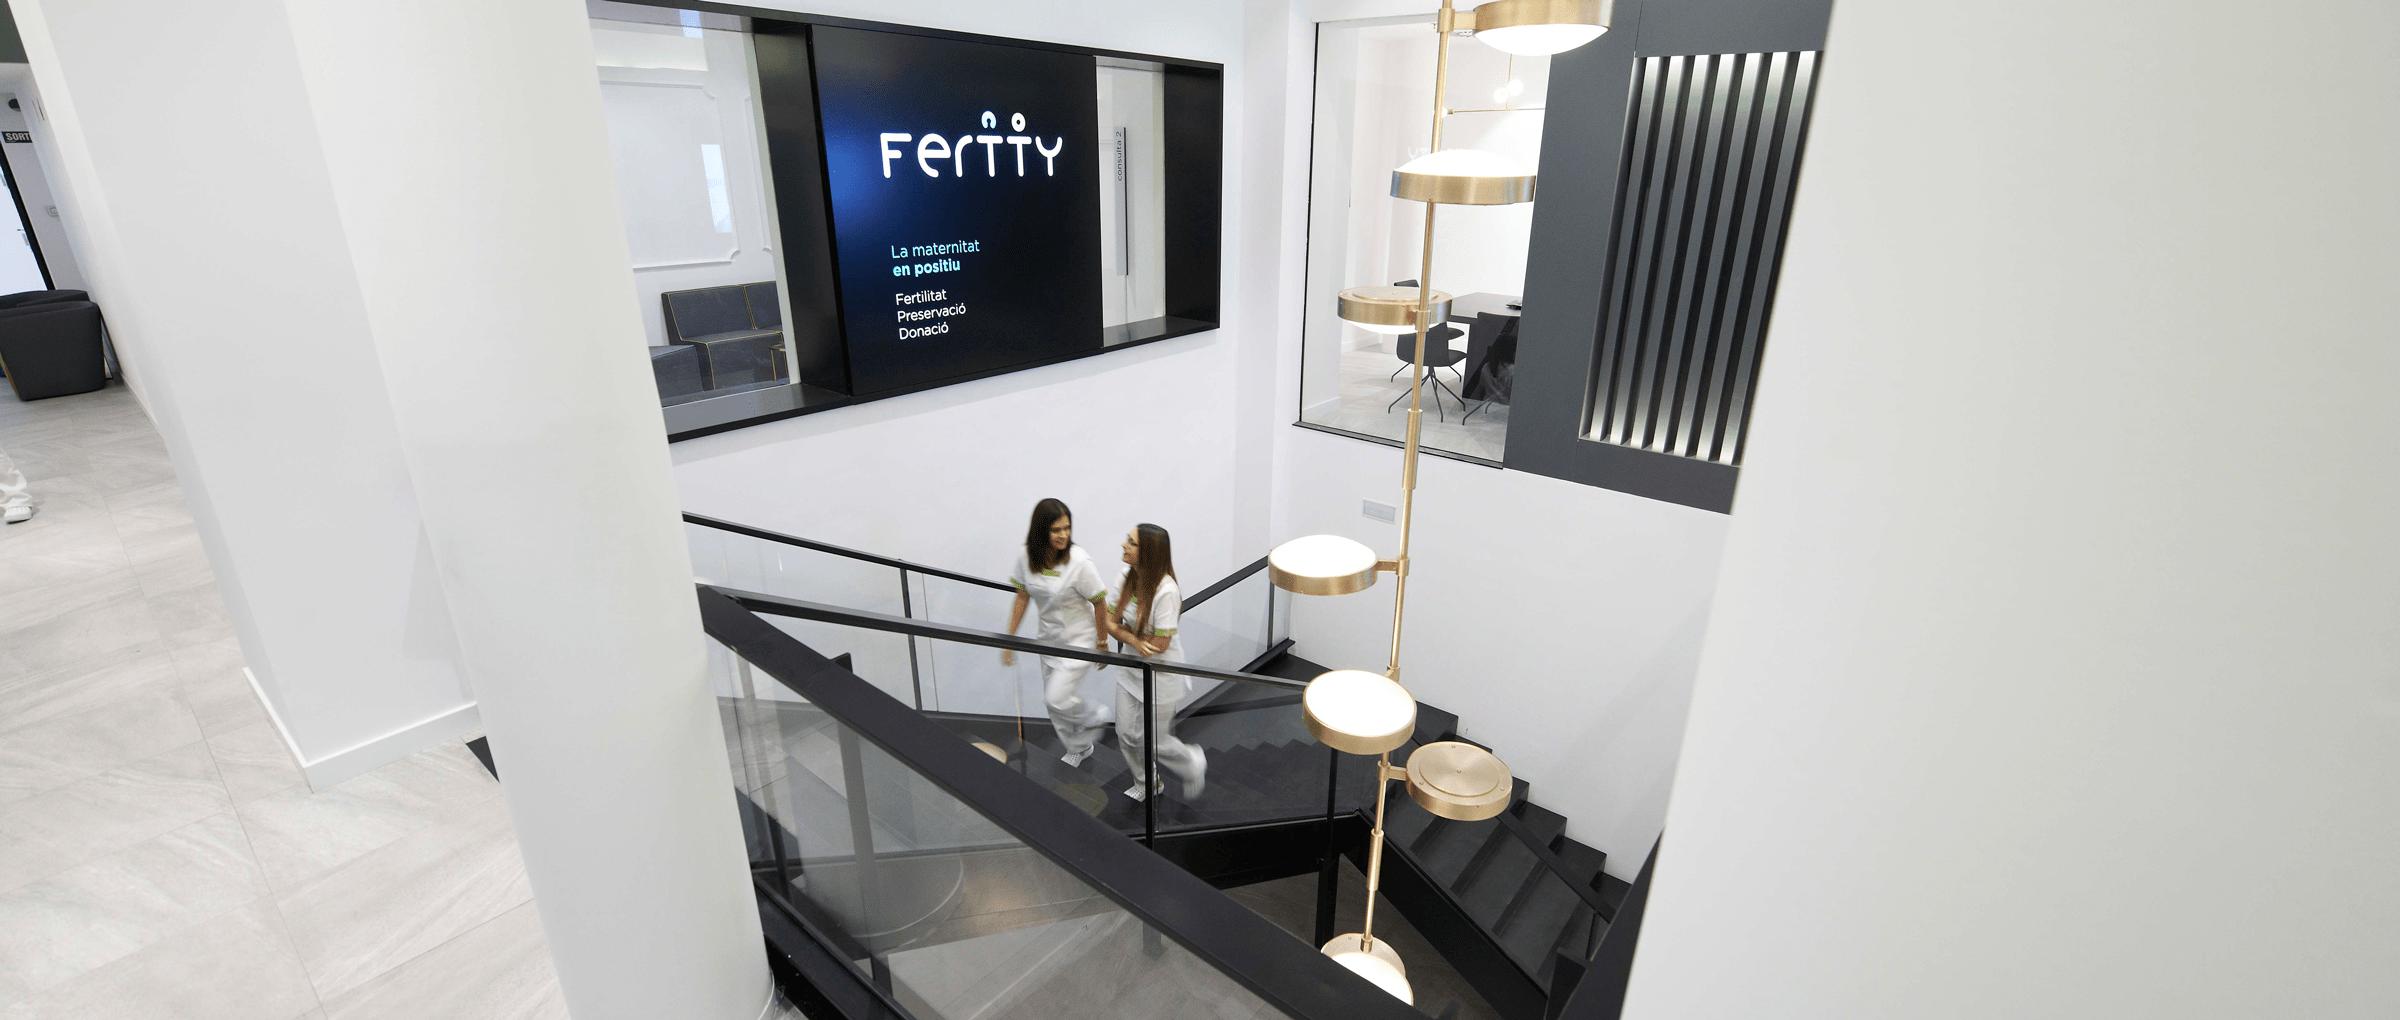 Instalaciones de Fertty en Barcelona